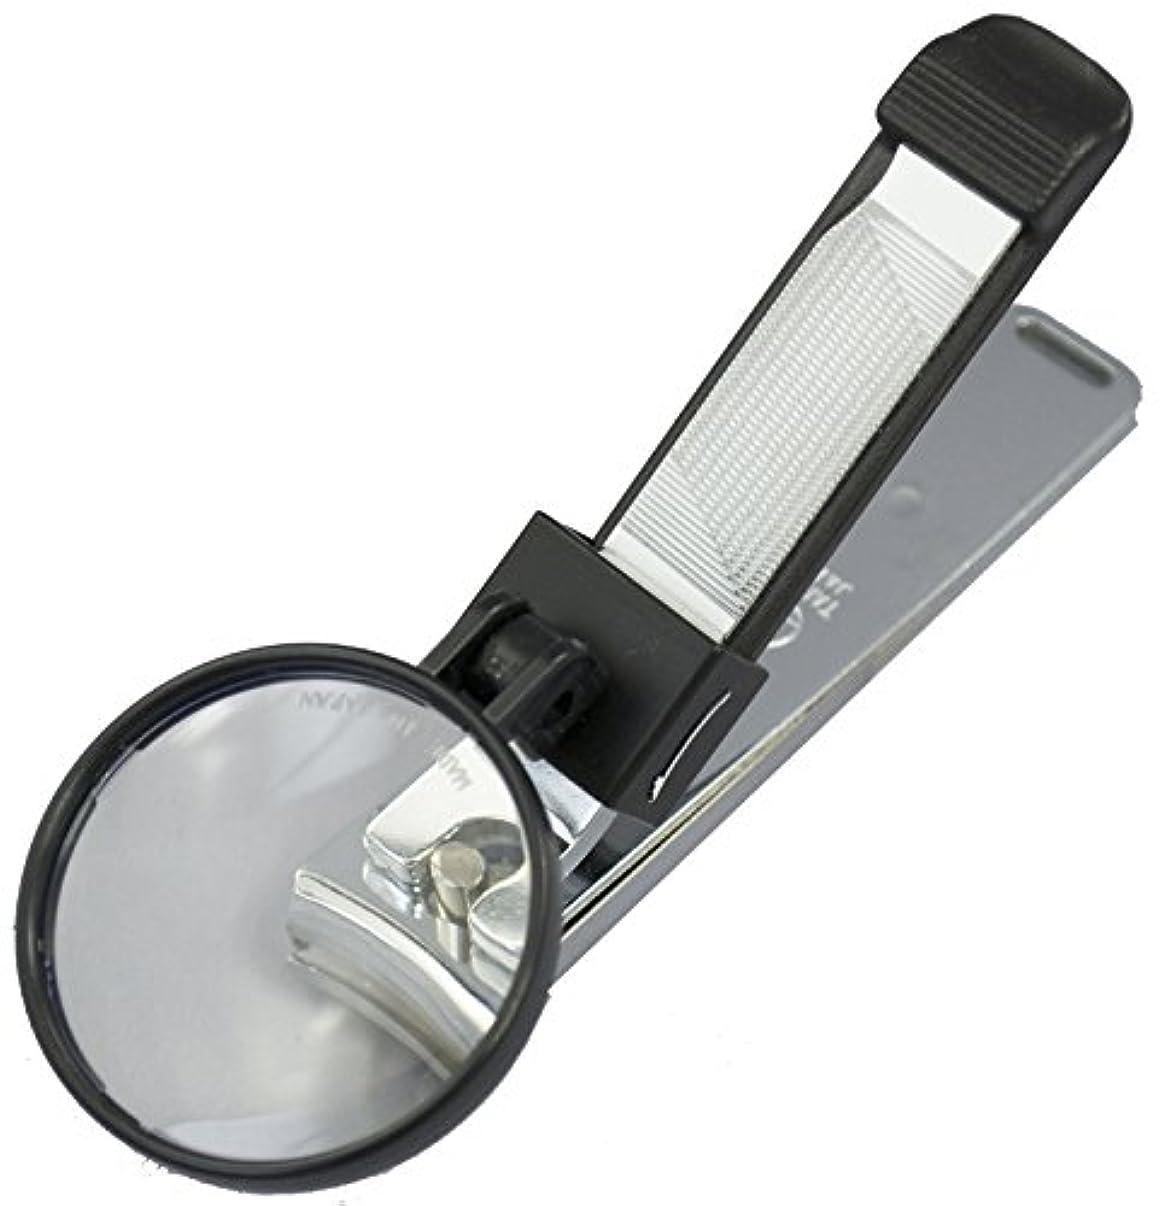 リフトアッパー気がついて日本製 拡大レンズ付 爪切り 足爪くん 大 mir 2000L